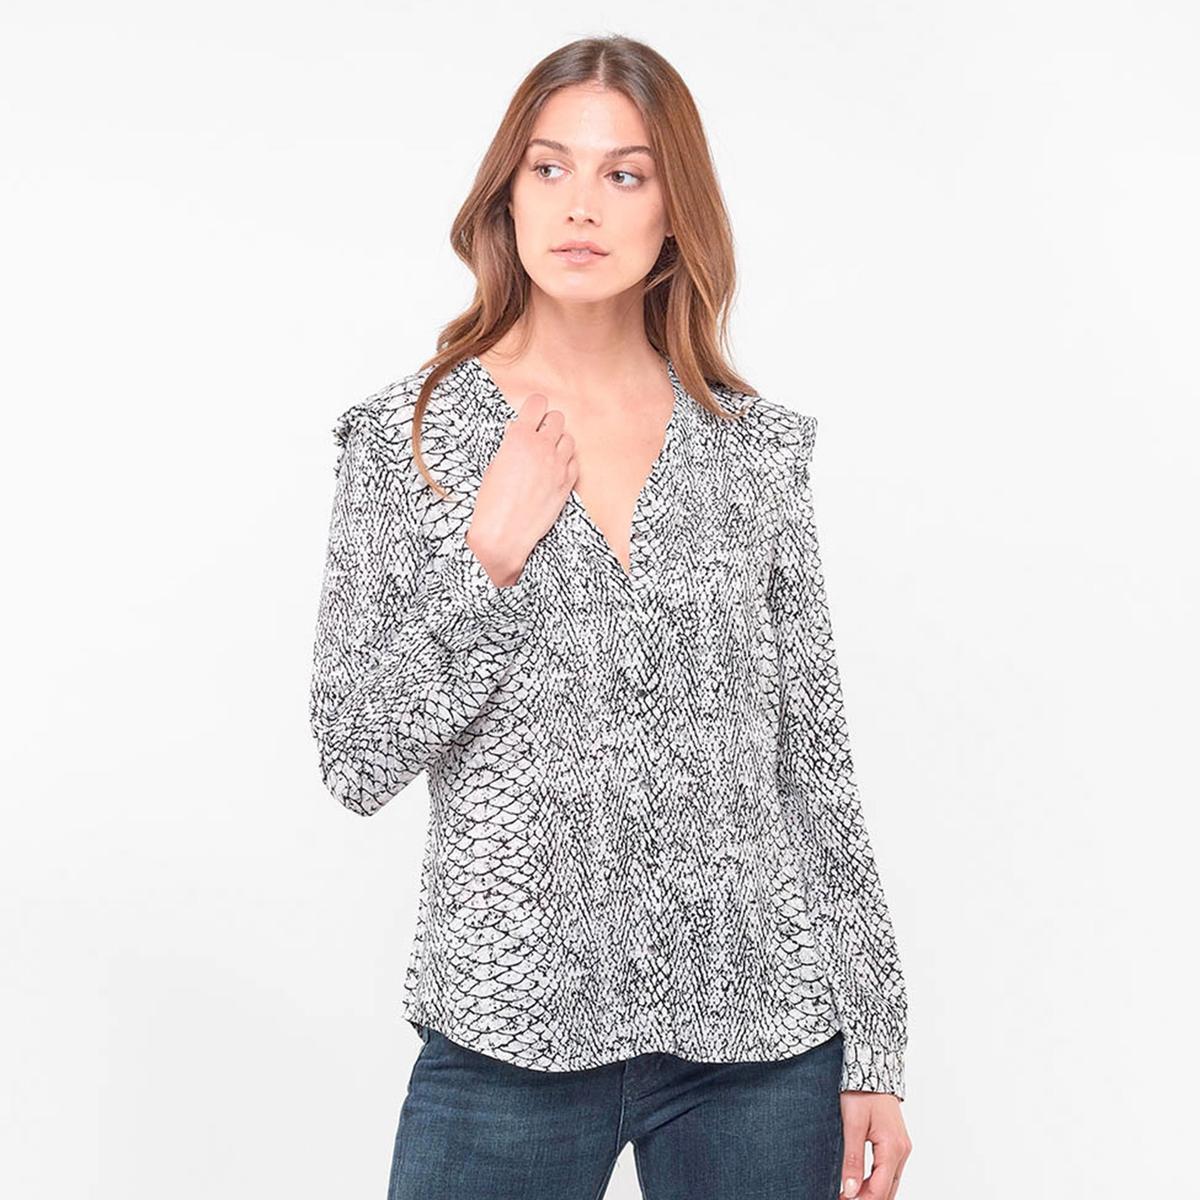 цена Блузка La Redoute С V-образным вырезом и графическим рисунком L зеленый онлайн в 2017 году